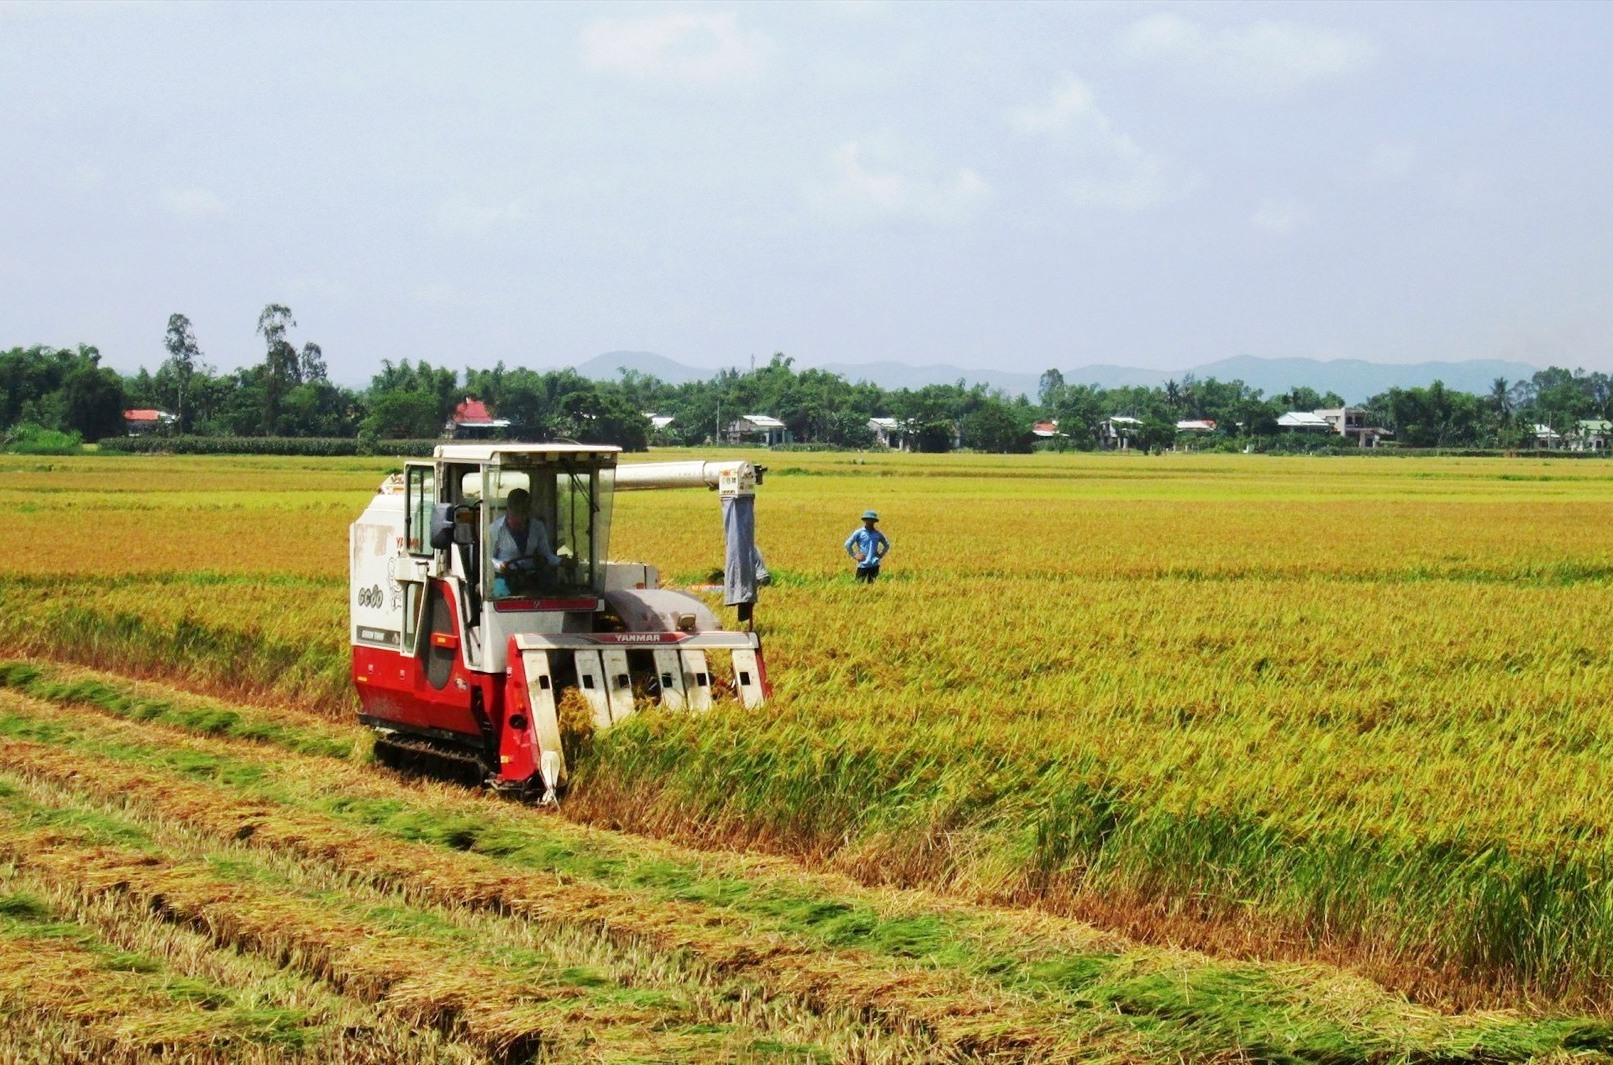 Nhờ chú trọng công tác dồn điền đổi thửa, thời gian qua Duy Phước đã hình thành nhiều mô hình cánh đồng mẫu lớn. Ảnh: V.S